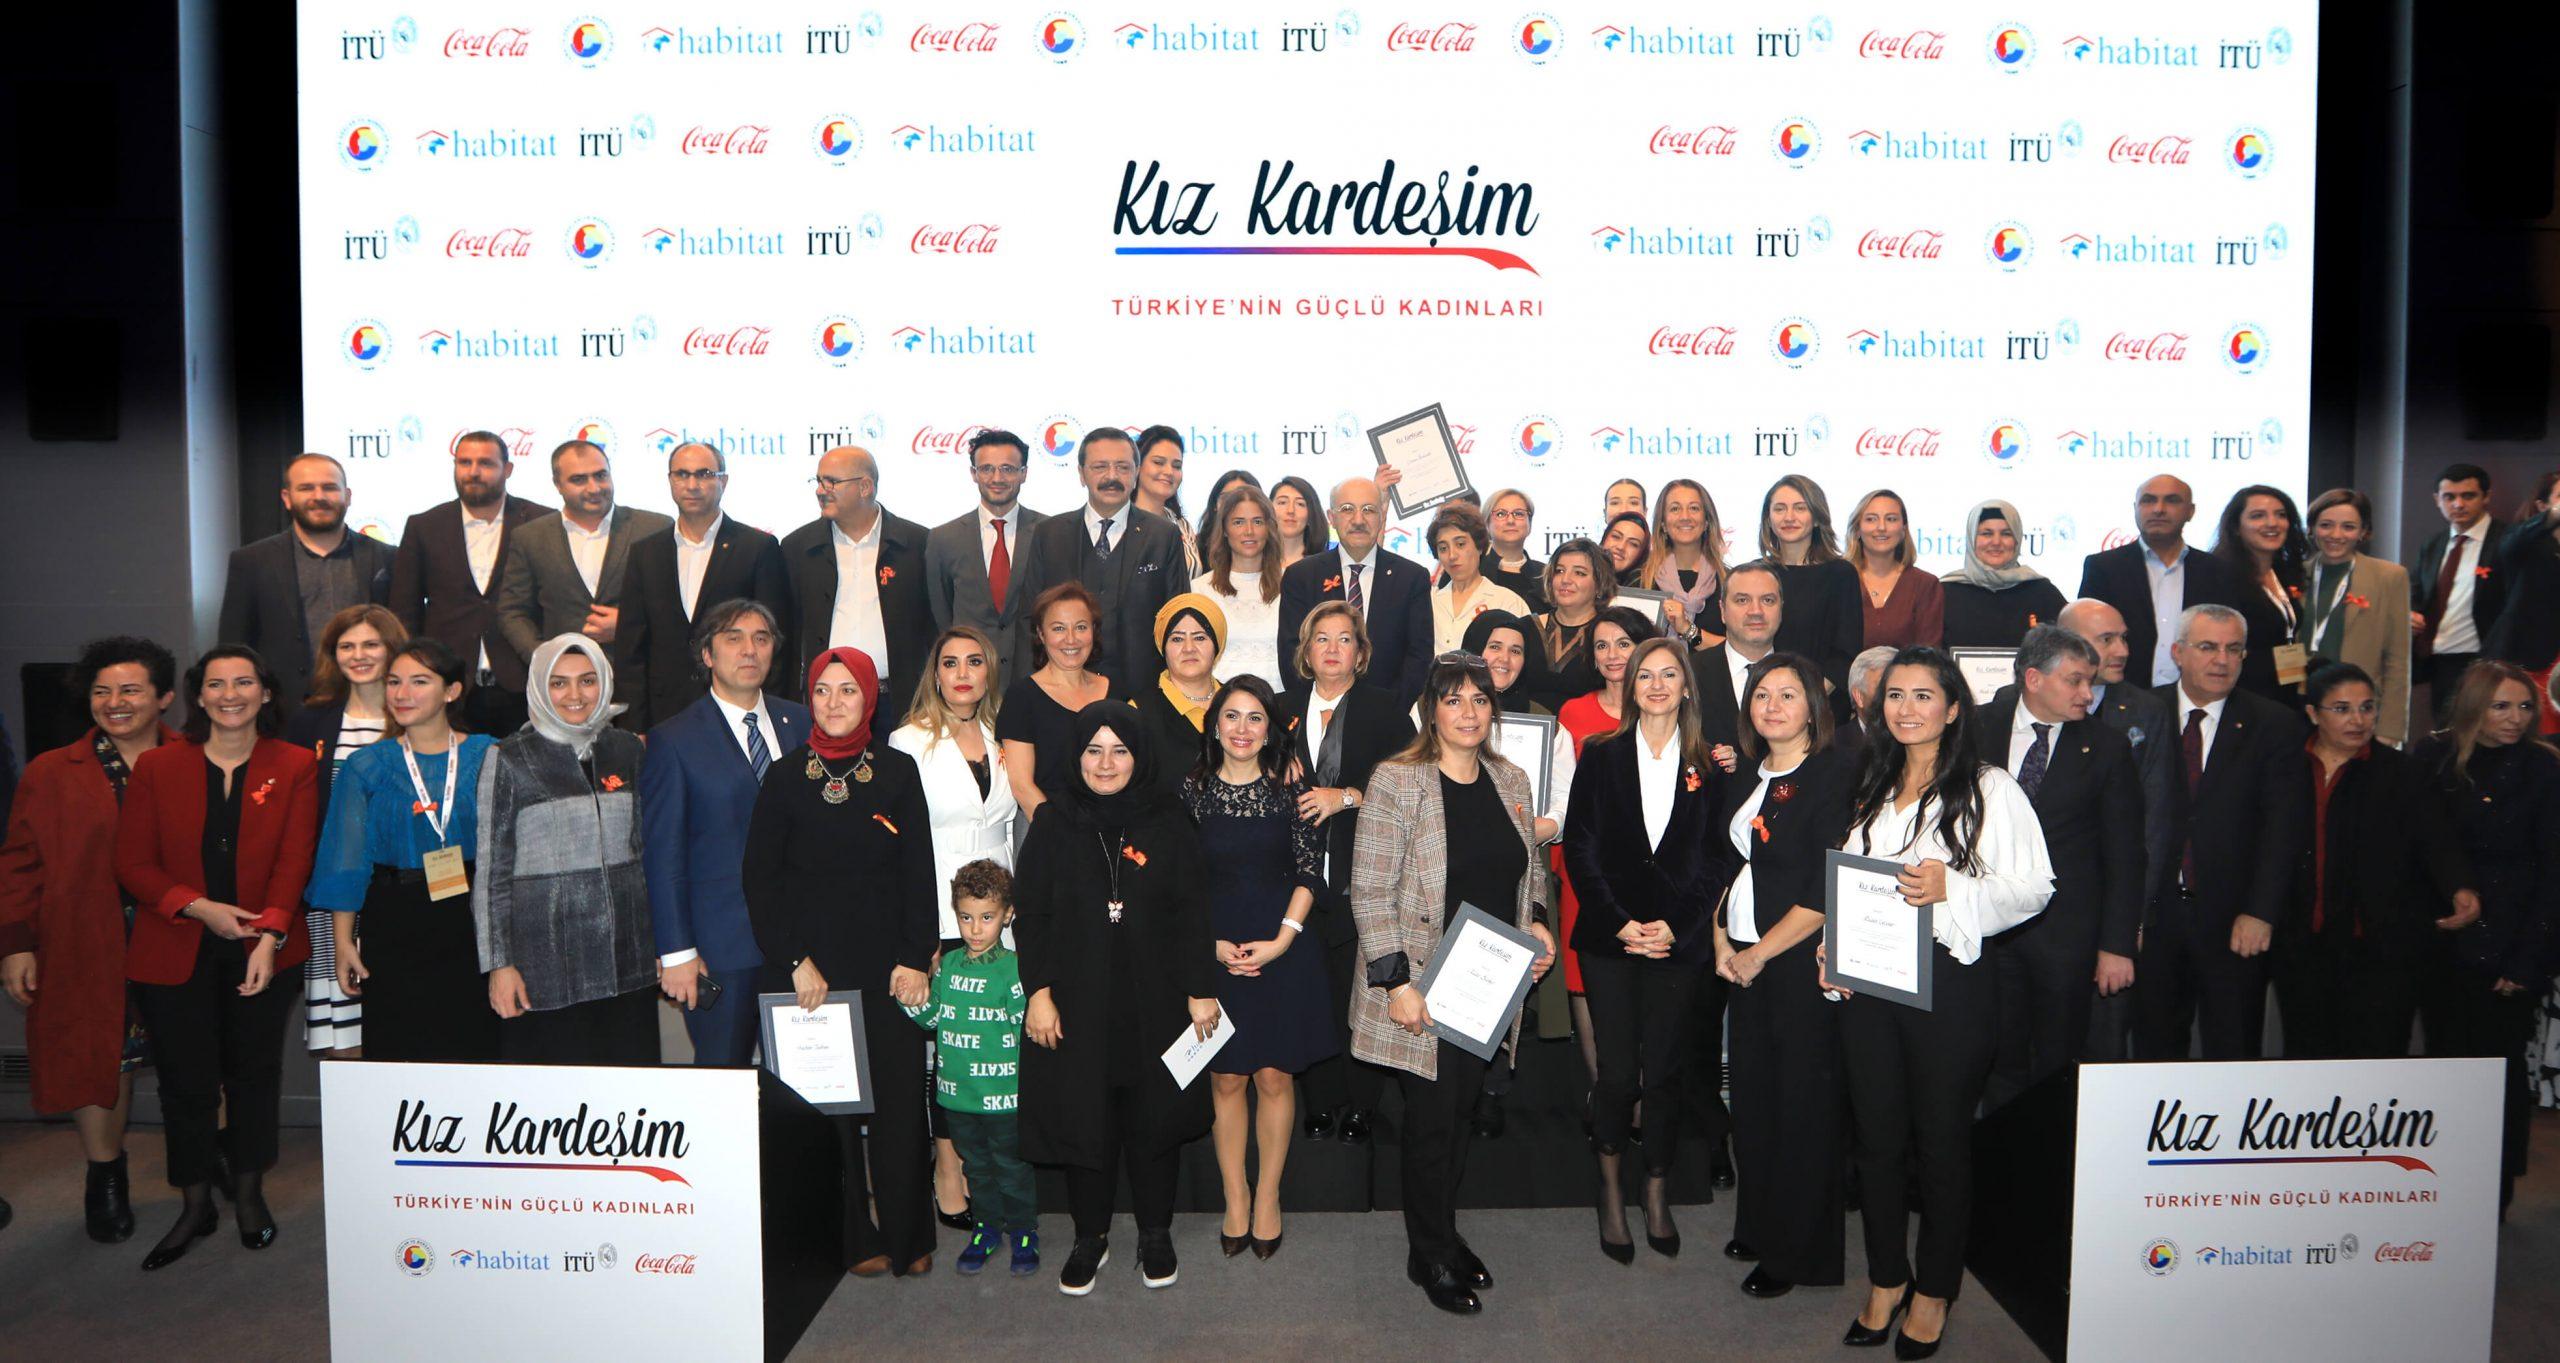 """Kız Kardeşim Projesi kapsamında yerel lezzetler üzerine çalışan girişimci kadınların desteklenmesi amacıyla hayata geçirilen Yerel Lezzet Girişimciliği Destek Programı kazananları düzenlenen toplantı ile tanıtıldı. Toplantıda belirlenen kriterlere göre iş geliştirme hibesi almaya hak kazanan 11 girişimci kadına Türkiye Odalar ve Borsalar Birliği (TOBB) Başkanı M. Rifat Hisarcıklıoğlu, Coca-Cola Türkiye, Kafkasya ve Orta Asya Bölgesi Başkanı Evguenia Stoichkova, İstanbul Teknik Üniversitesi (İTÜ) Rektörü Prof. Dr. Mehmet Karaca ve Habitat Derneği Başkanı Sezai Hazır tarafından ödül verildi. Program kapsamında Türkiye genelinden 29 ilden restoran sahibi olan ve yerel lezzetler üzerine çalışan 114 girişimci kadının başvuruları değerlendirildi. Coca-Cola Türkiye, TOBB, Habitat Derneği ve İTÜ işbirliği ile hayata geçen Kız Kardeşim Projesi sağladığı eğitimler ile kadınları girişimciliğe hazırlamaya devam ediyor. Bugüne kadar 20 bin kadına destek olan Kız Kardeşim Projesinde 2020 yılında 10 bin kadına ulaşılması hedefleniyor. 2020 eğitim programına sıfır atık felsefesi, denizlerin önemi ve korunması, denizlerin nasıl kirlendiği ve atıkların ayrıştırılması konuları da ekleniyor. Coca-Cola Türkiye, Türkiye Odalar ve Borsalar Birliği (TOBB), Habitat Derneği ve İstanbul Teknik Üniversitesi (İTÜ) işbirliğiyle kadınların ekonomik hayata katılımını desteklemek amacıyla 2015 yılından bu yana yürütülen Kız Kardeşim Projesi kapsamında 2019 yılında girişimci kadınların işlerini büyütmelerine destek olundu. Kız Kardeşim Projesi kapsamında hayata geçirilen """"Yerel Lezzet Girişimciliği Hibe Programı"""" ile Türkiye'deki yerel lezzetleri ön plana çıkararak, lezzetleri kendi işletmesinde üreten girişimci kadınların desteklenmesi amaçlanıyor. Girişimcilik hibesi almaya hak kazanan 11 kadına ödülleri verildi Program kapsamında restoran sahibi olan 29 ilden 114 girişimci kadının başvuruları değerlendirildi. 29 ilde yapılan ön değerlendirmeler sonucunda işletmesinde en fazla 5 kişiyi istihdam ed"""